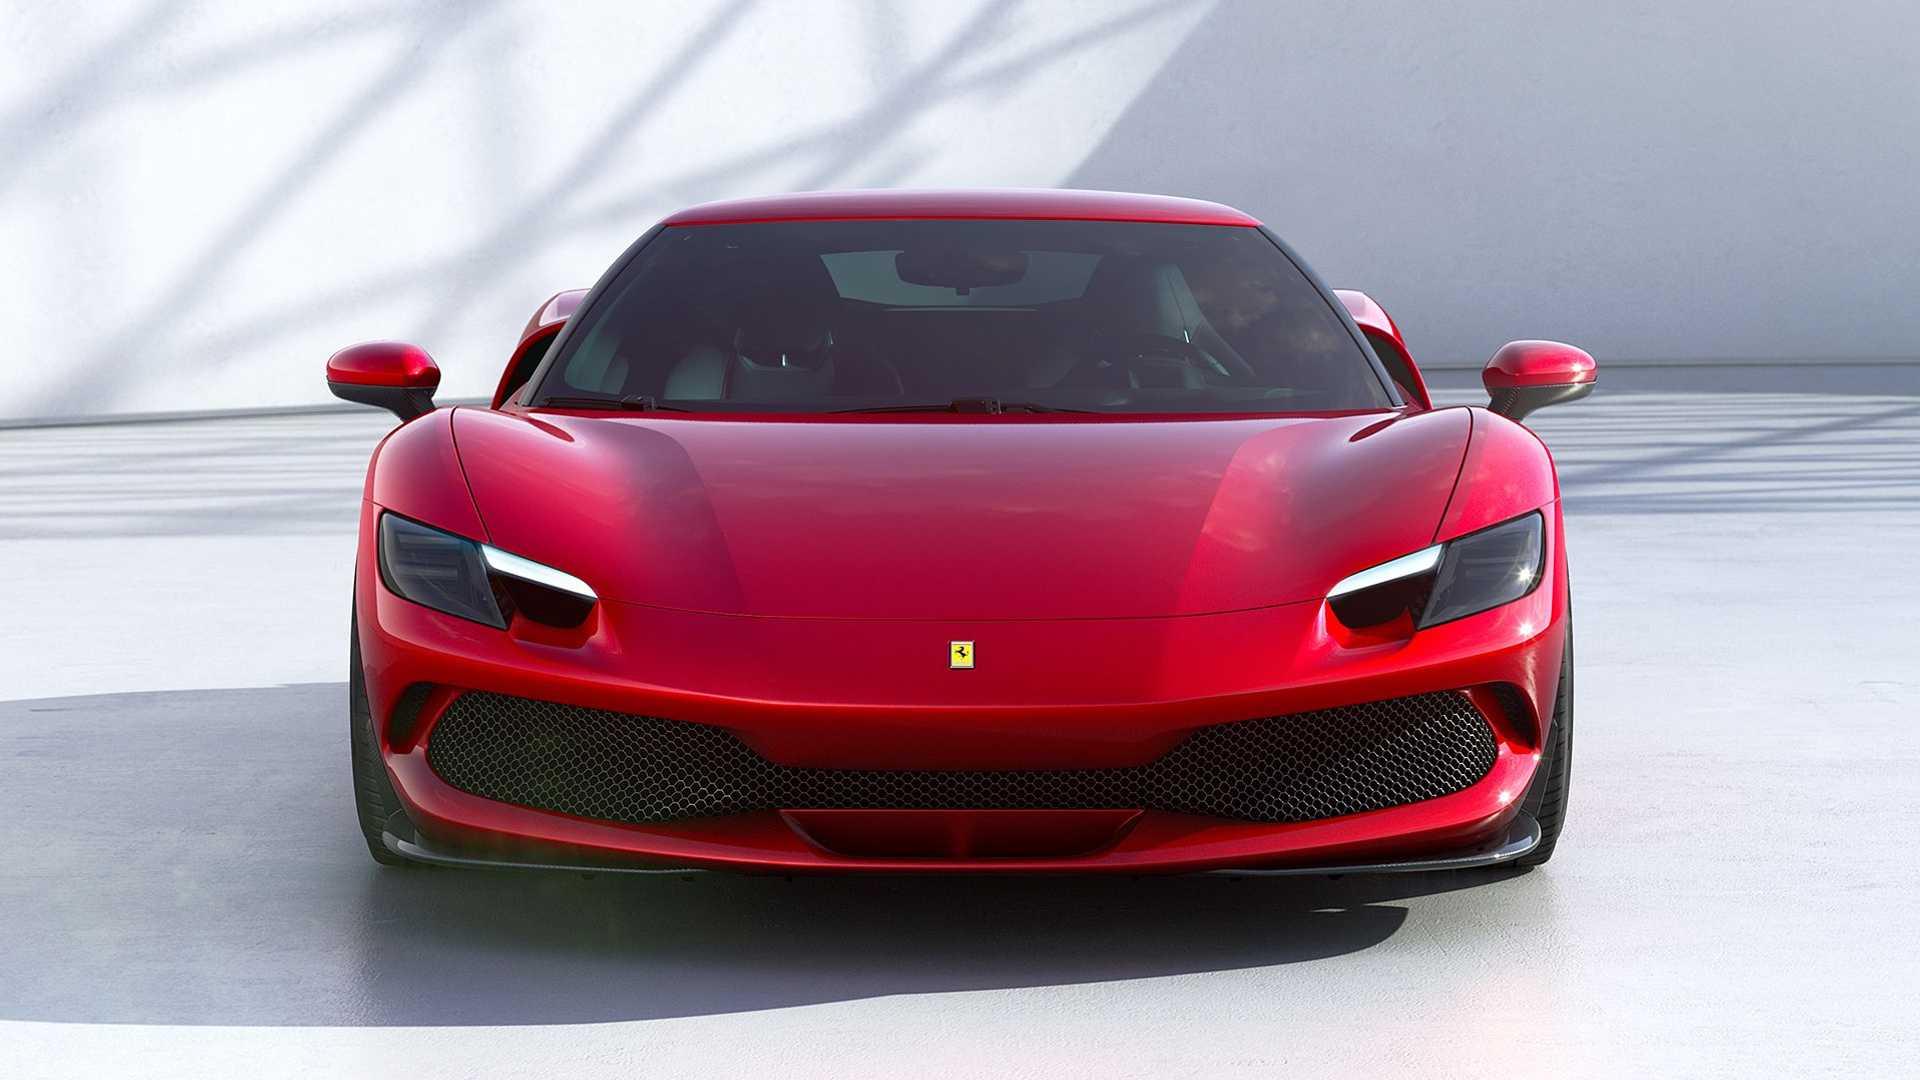 Η νέα Ferrari 296 GTB σπάει ρεκόρ με την ιπποδύναμή της (video)